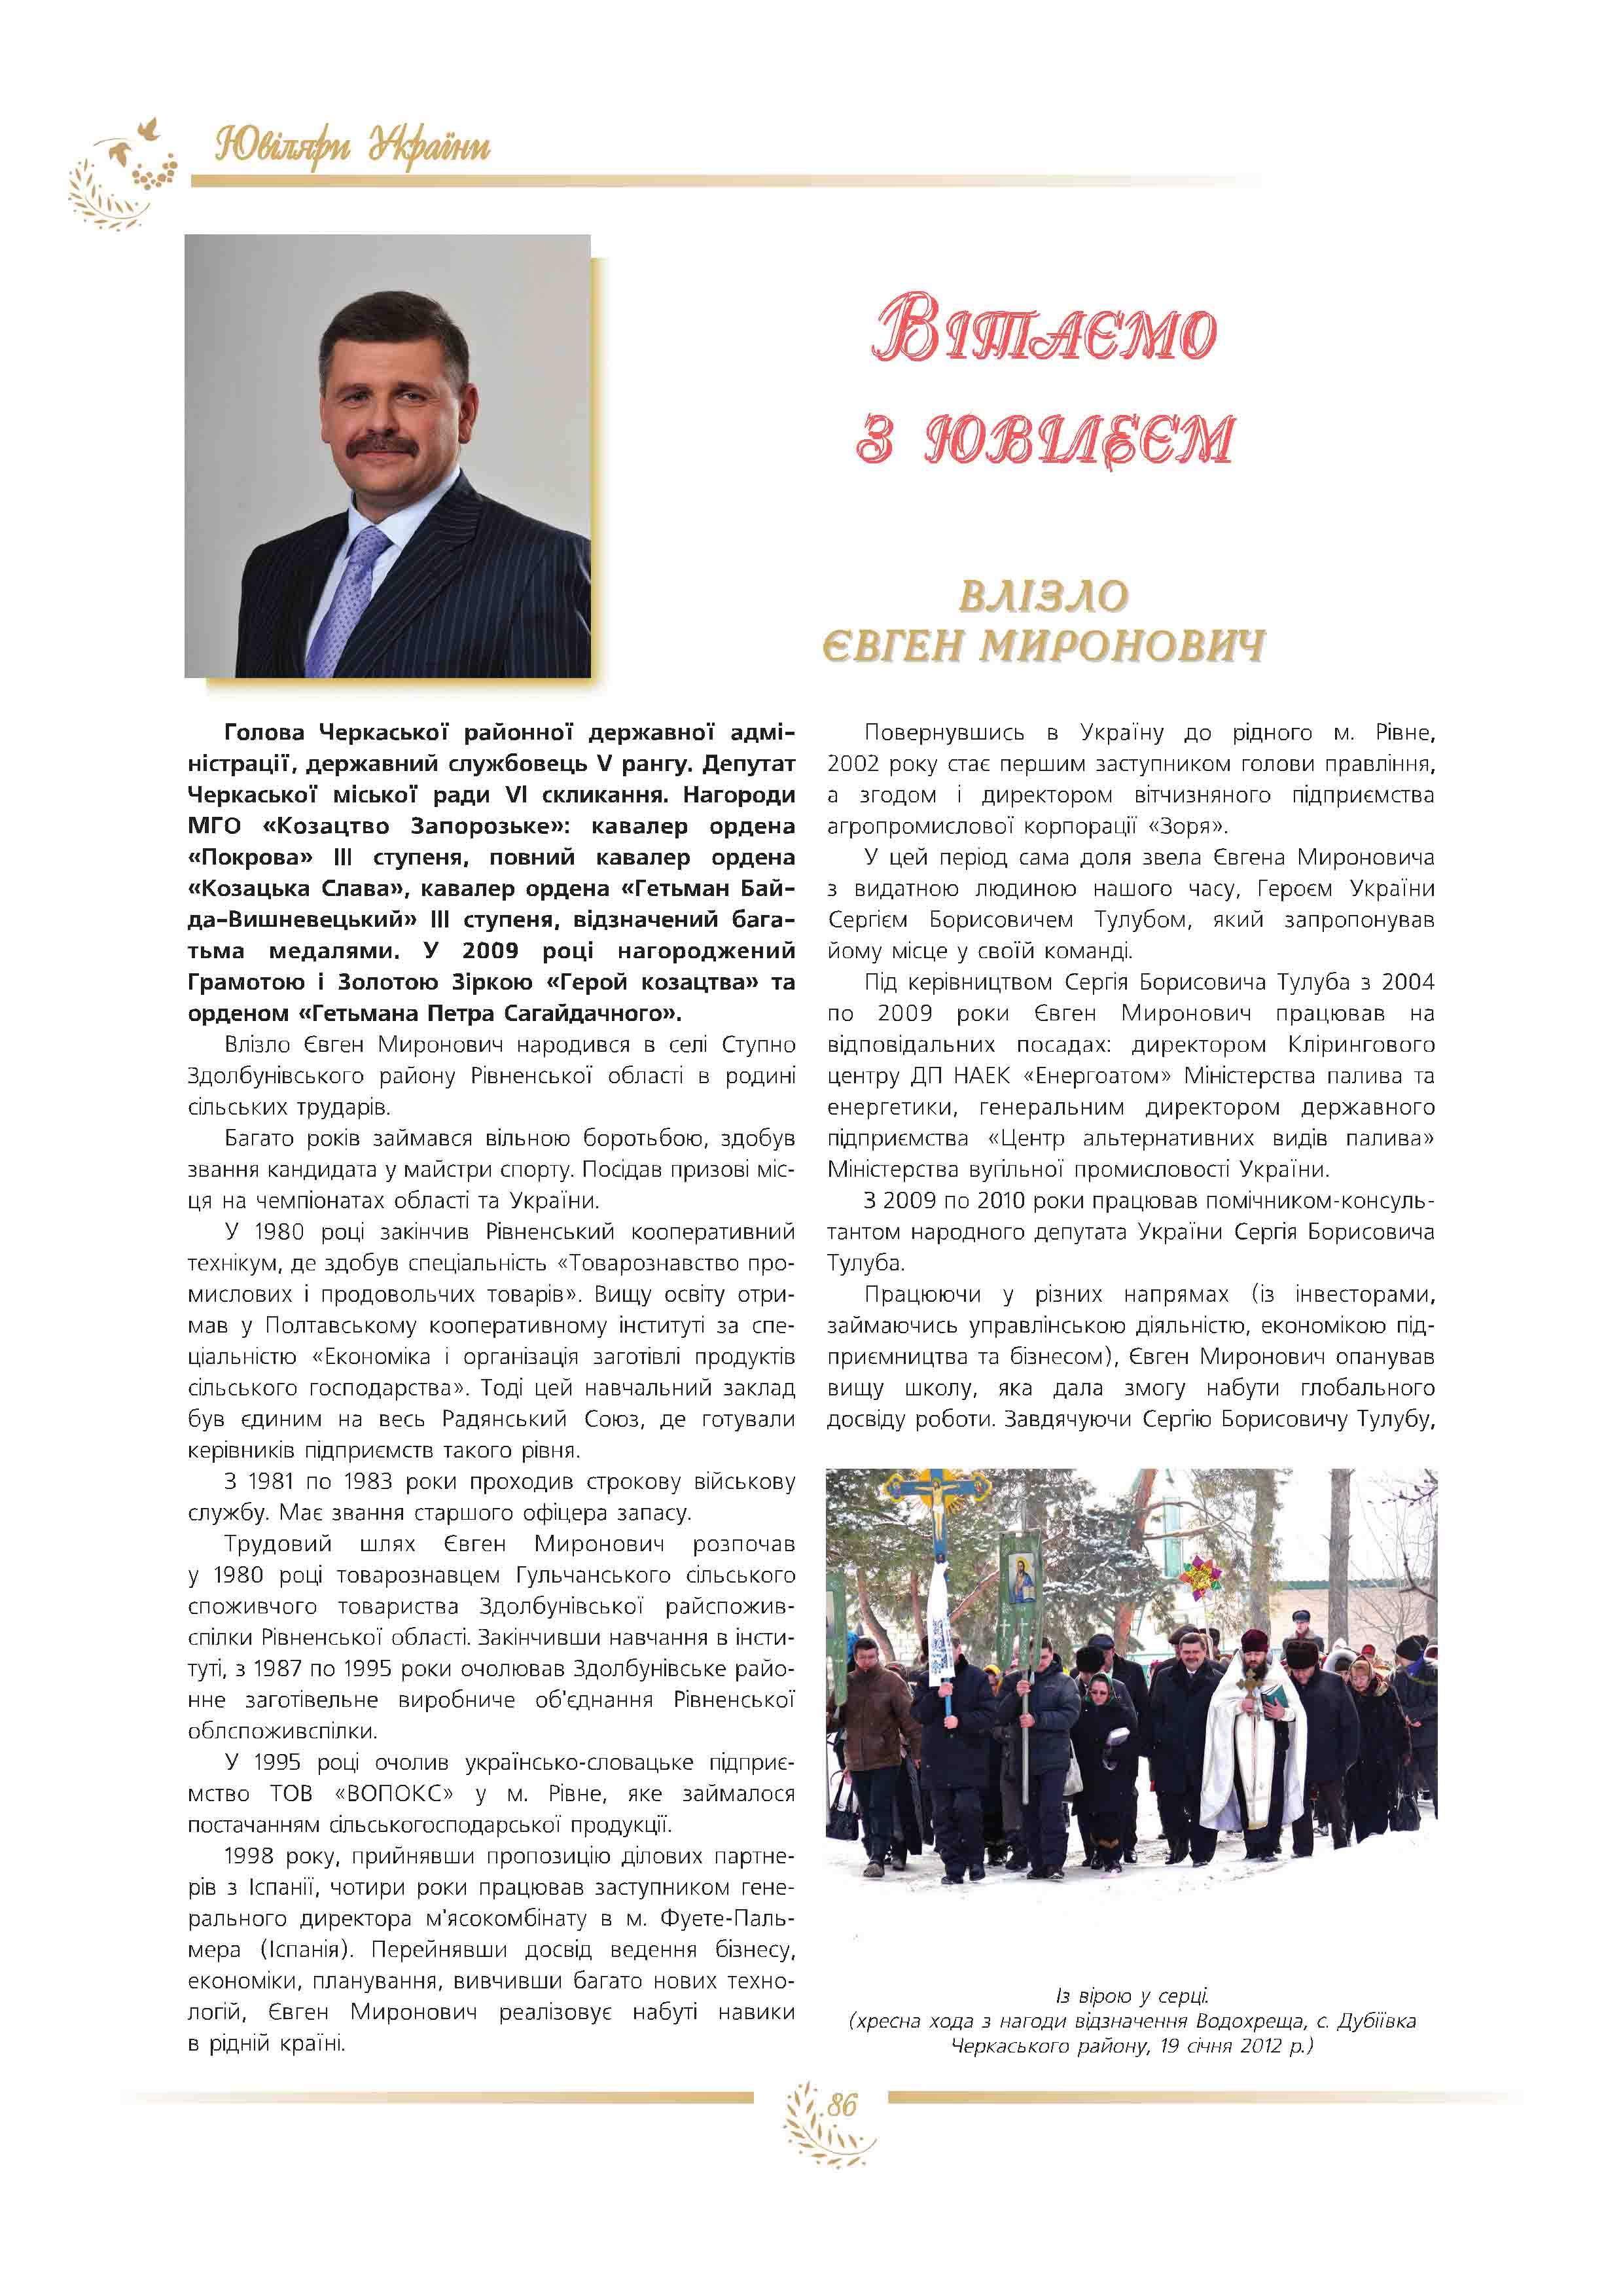 Ювіляри укрaїни події та особистості